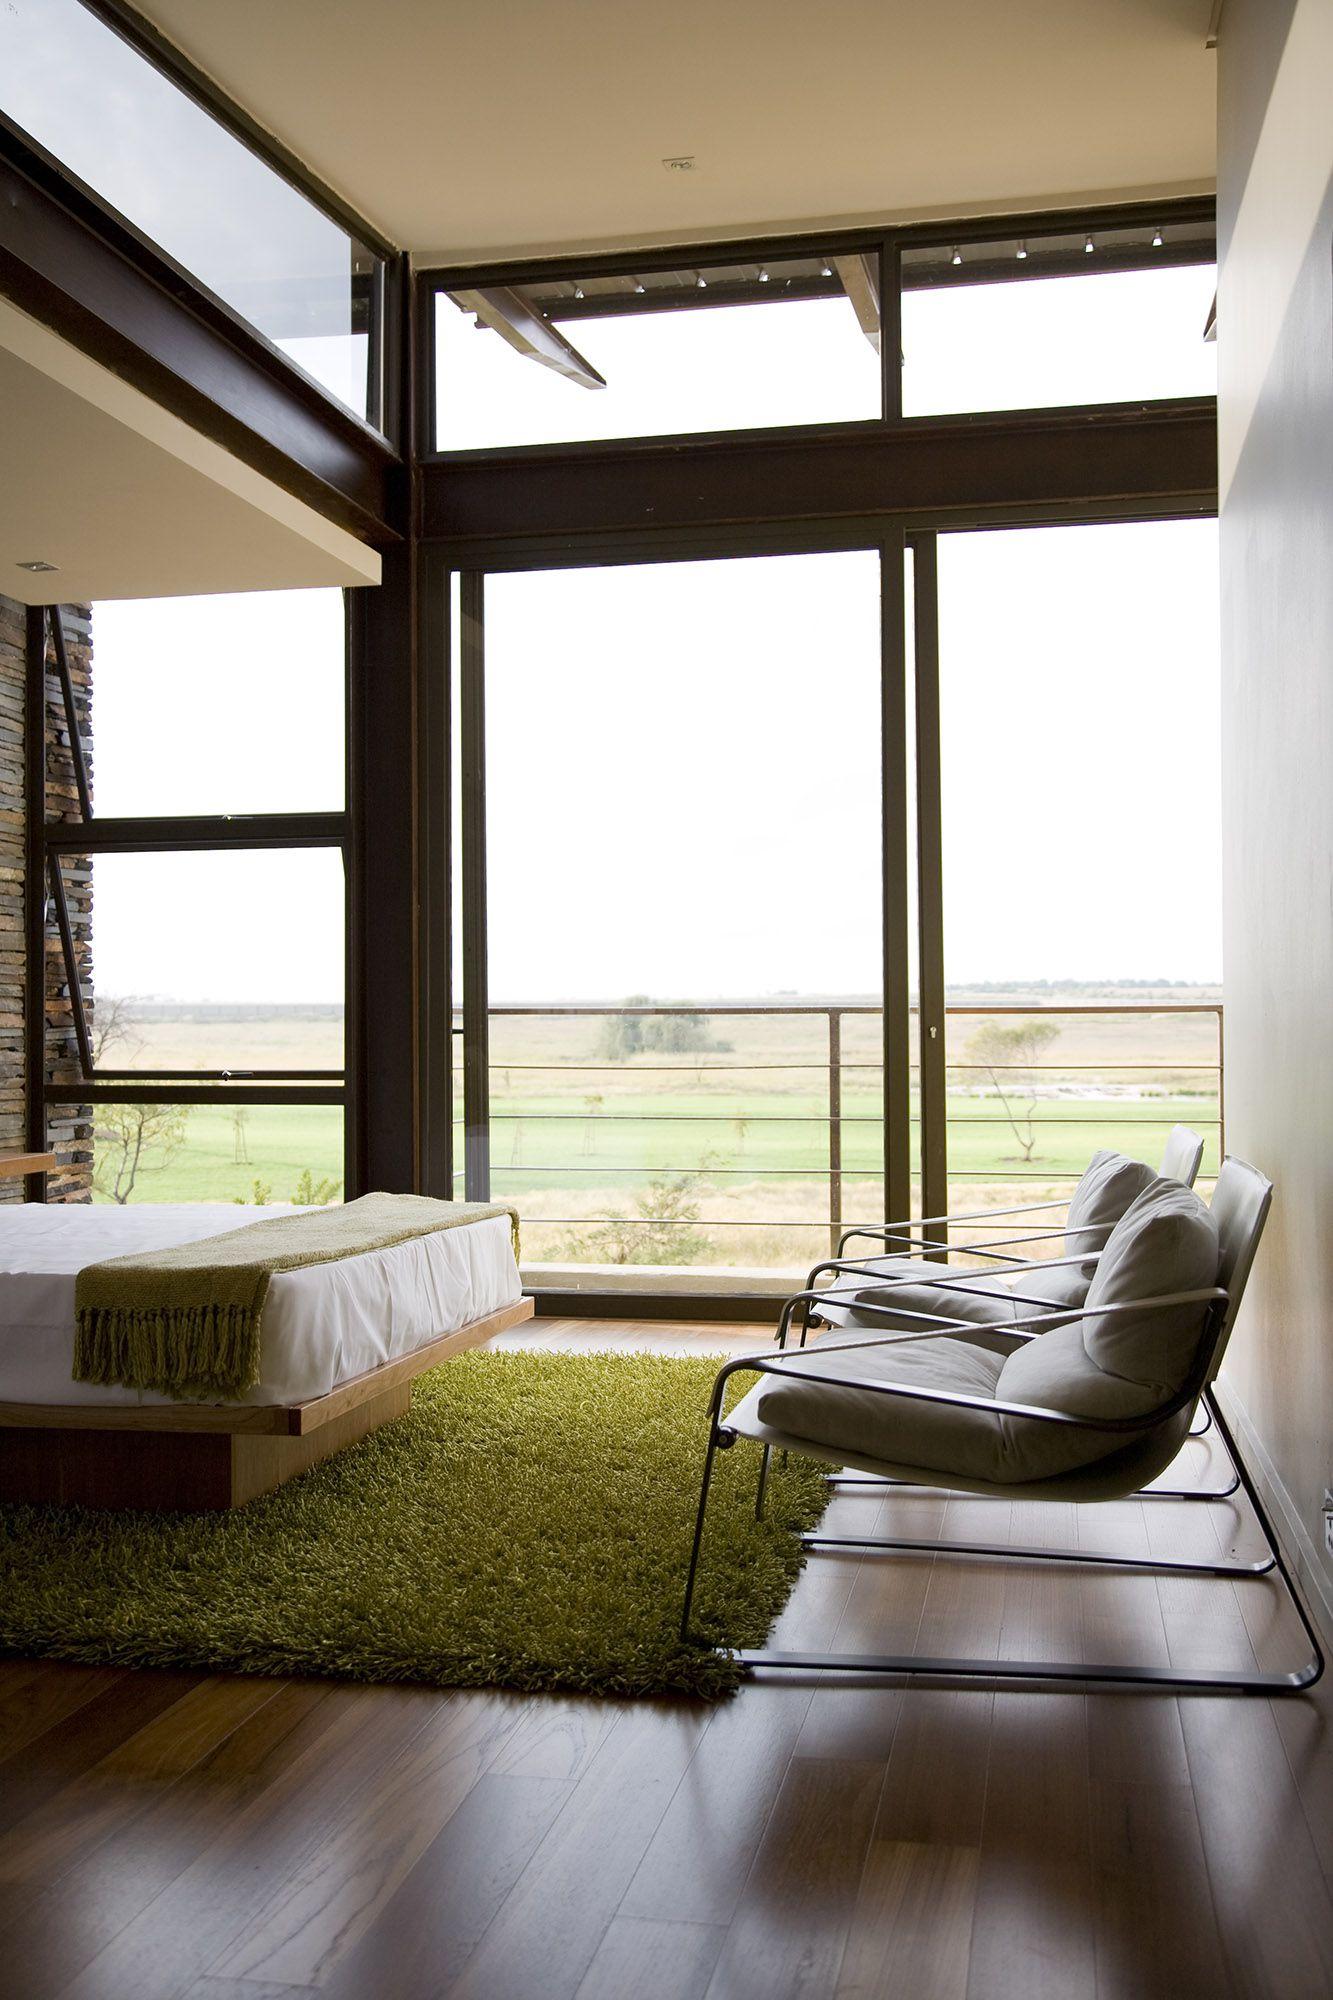 Serengeti Designed by Rudolph van der Meulen 203